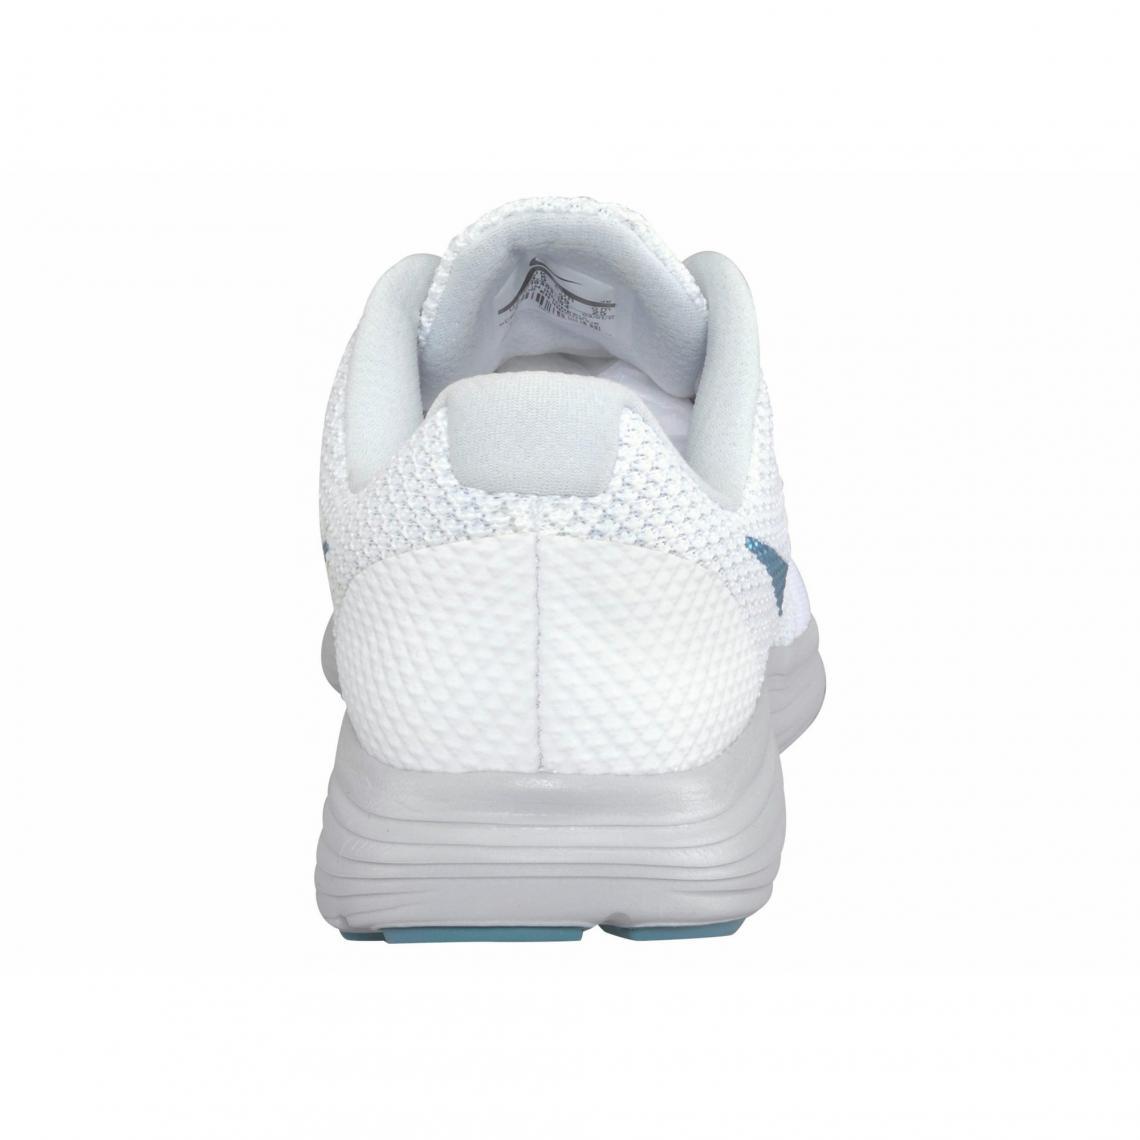 Bleu Running Révolution 3 Nike De Wmns Blanc Chaussures Femme b6Yfy7g